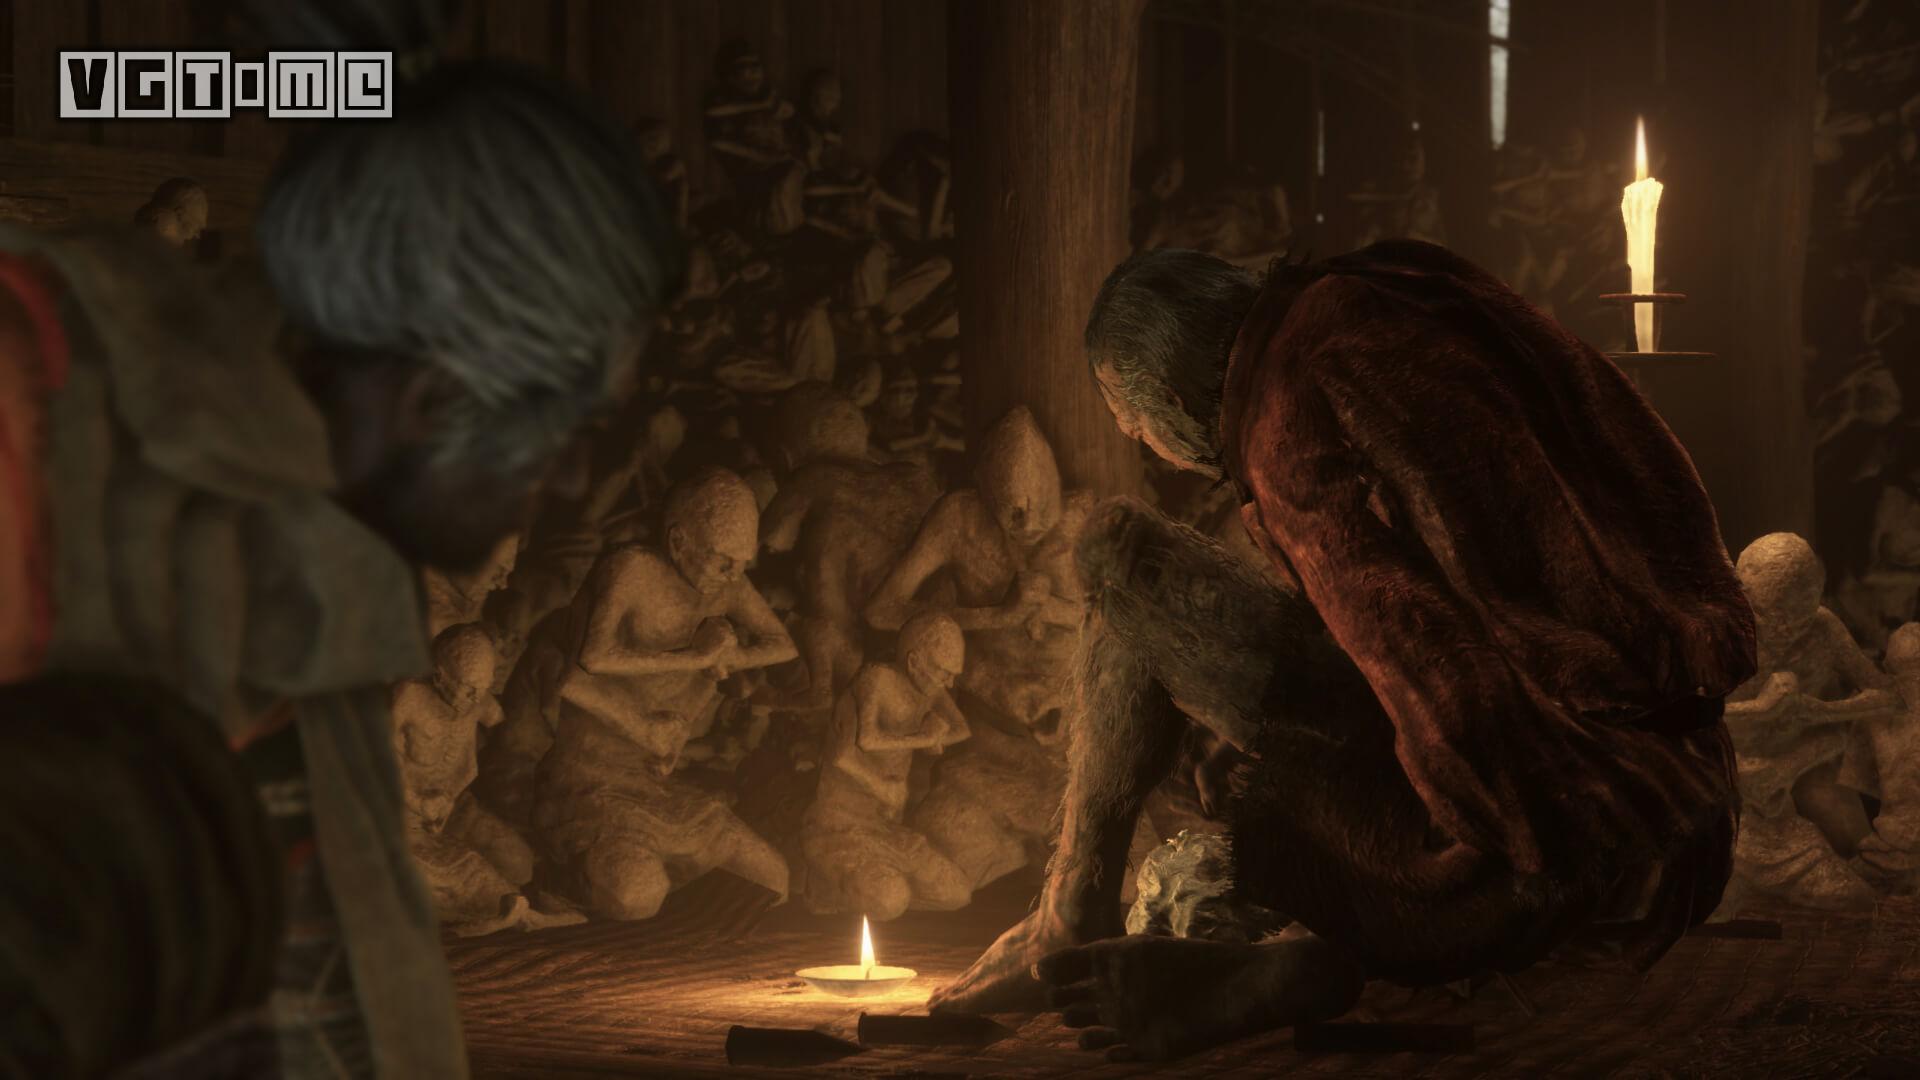 《只狼》将拥有营地区域,探索自由度超以往作品